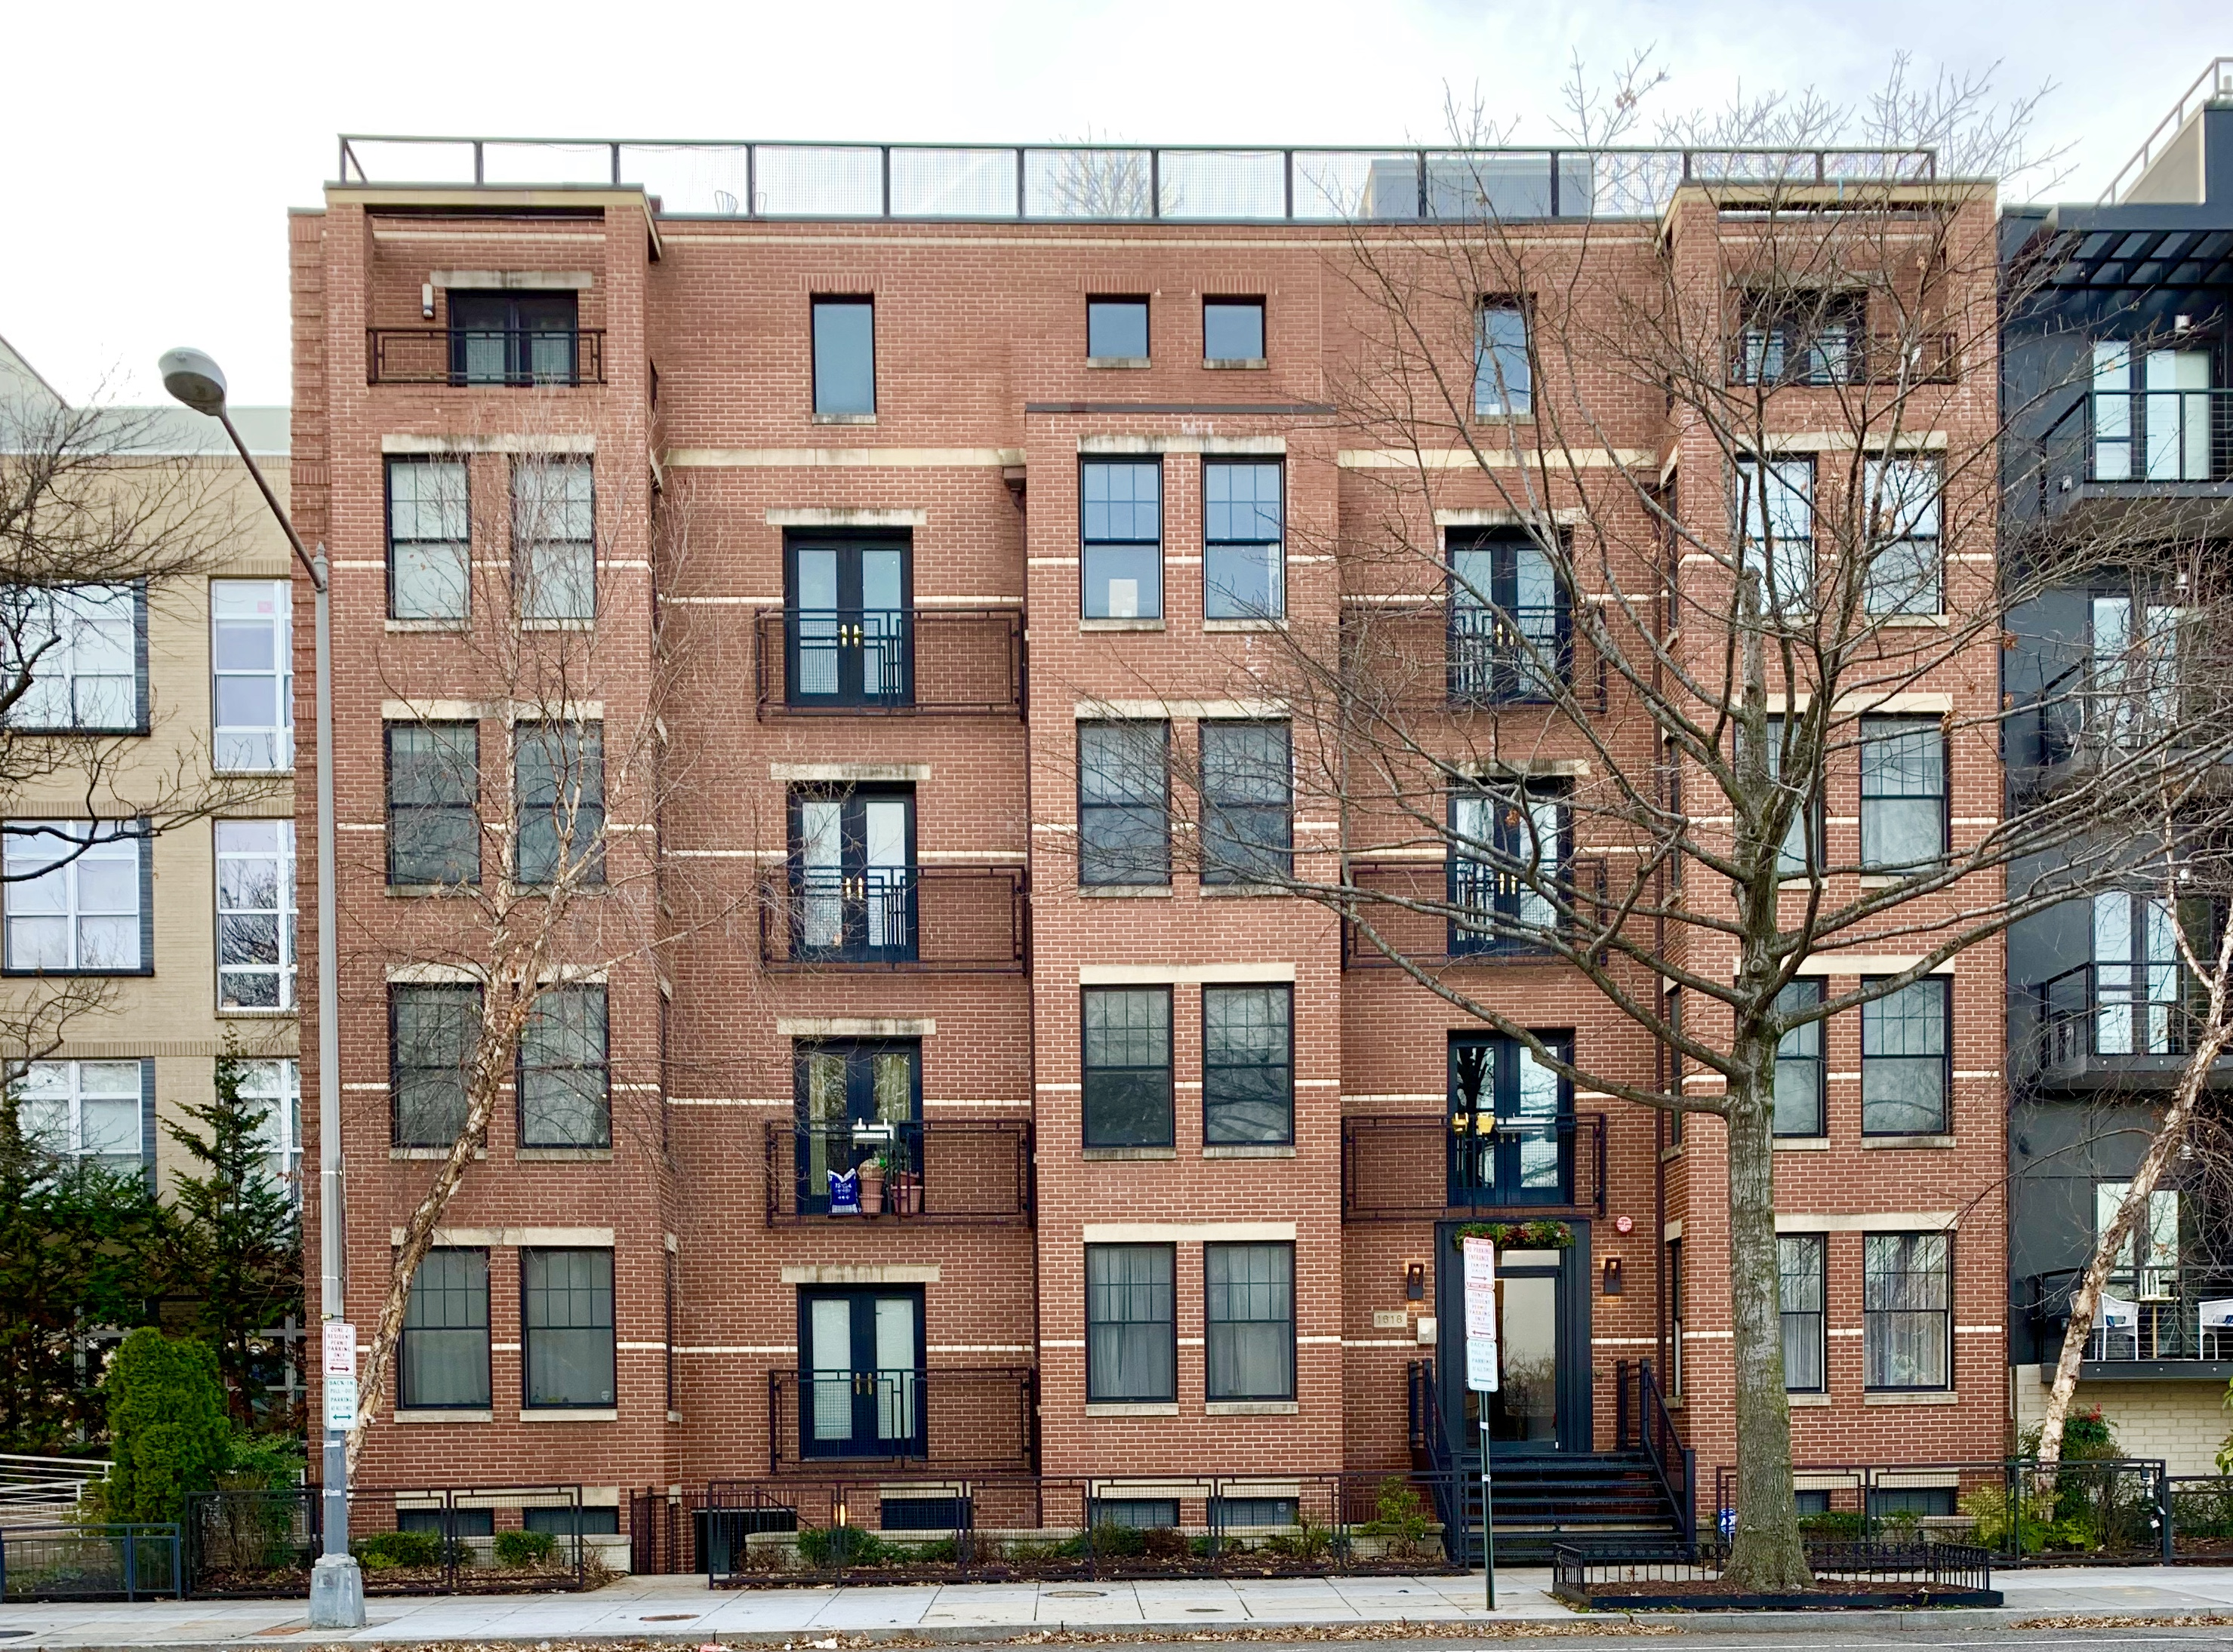 Washington, DC Mid-Rise Condos For Sale. Renaissance at Logan Condos in Logan Circle